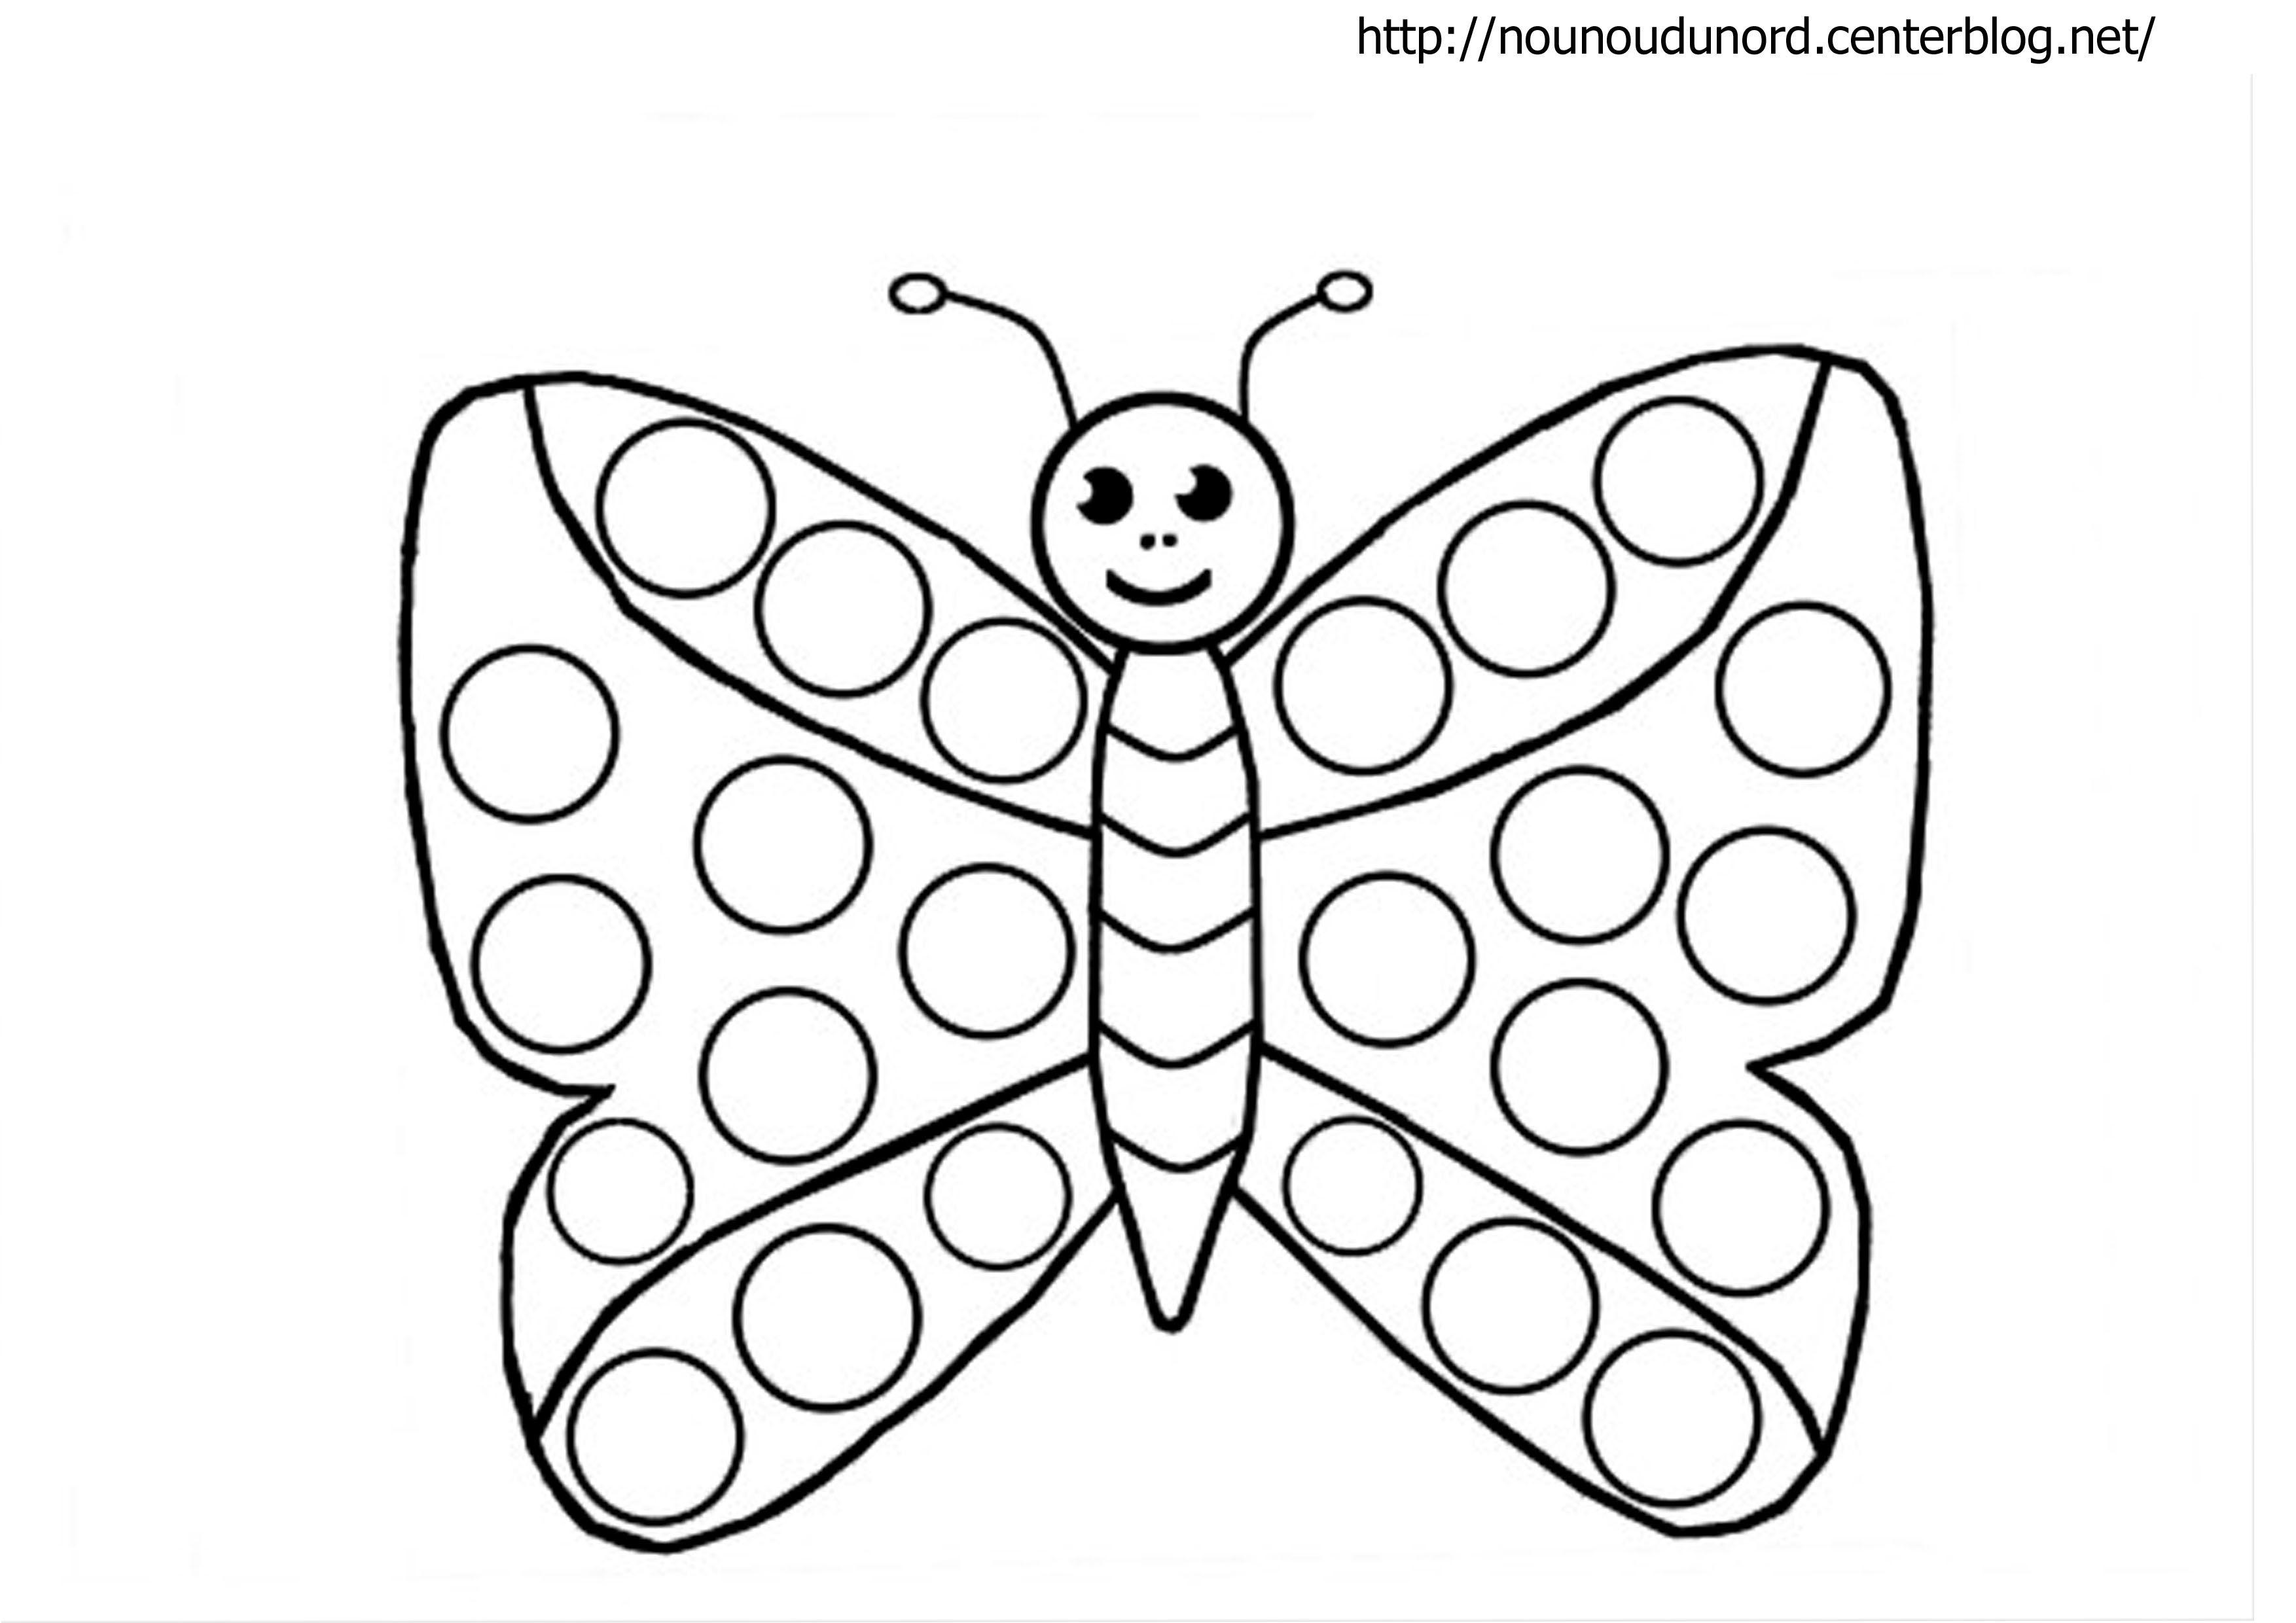 Papillon #32 (Animaux) - Coloriages À Imprimer pour Dessin Pour Gommette | Coloriage papillon ...